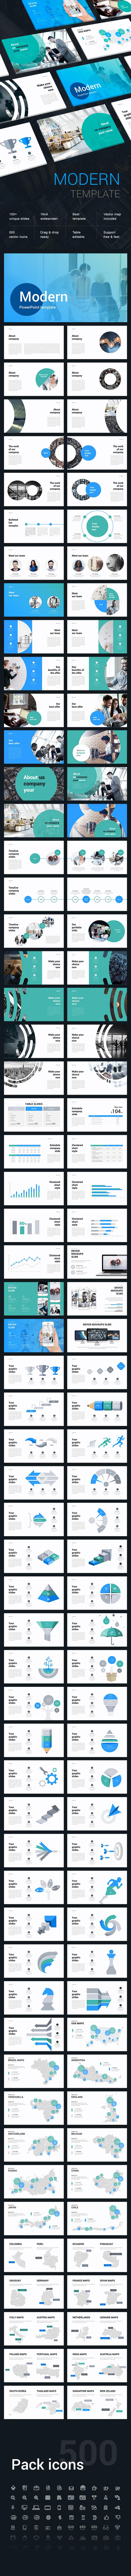 Modern Infographics Google Slides Template - Google Slides Presentation Templates